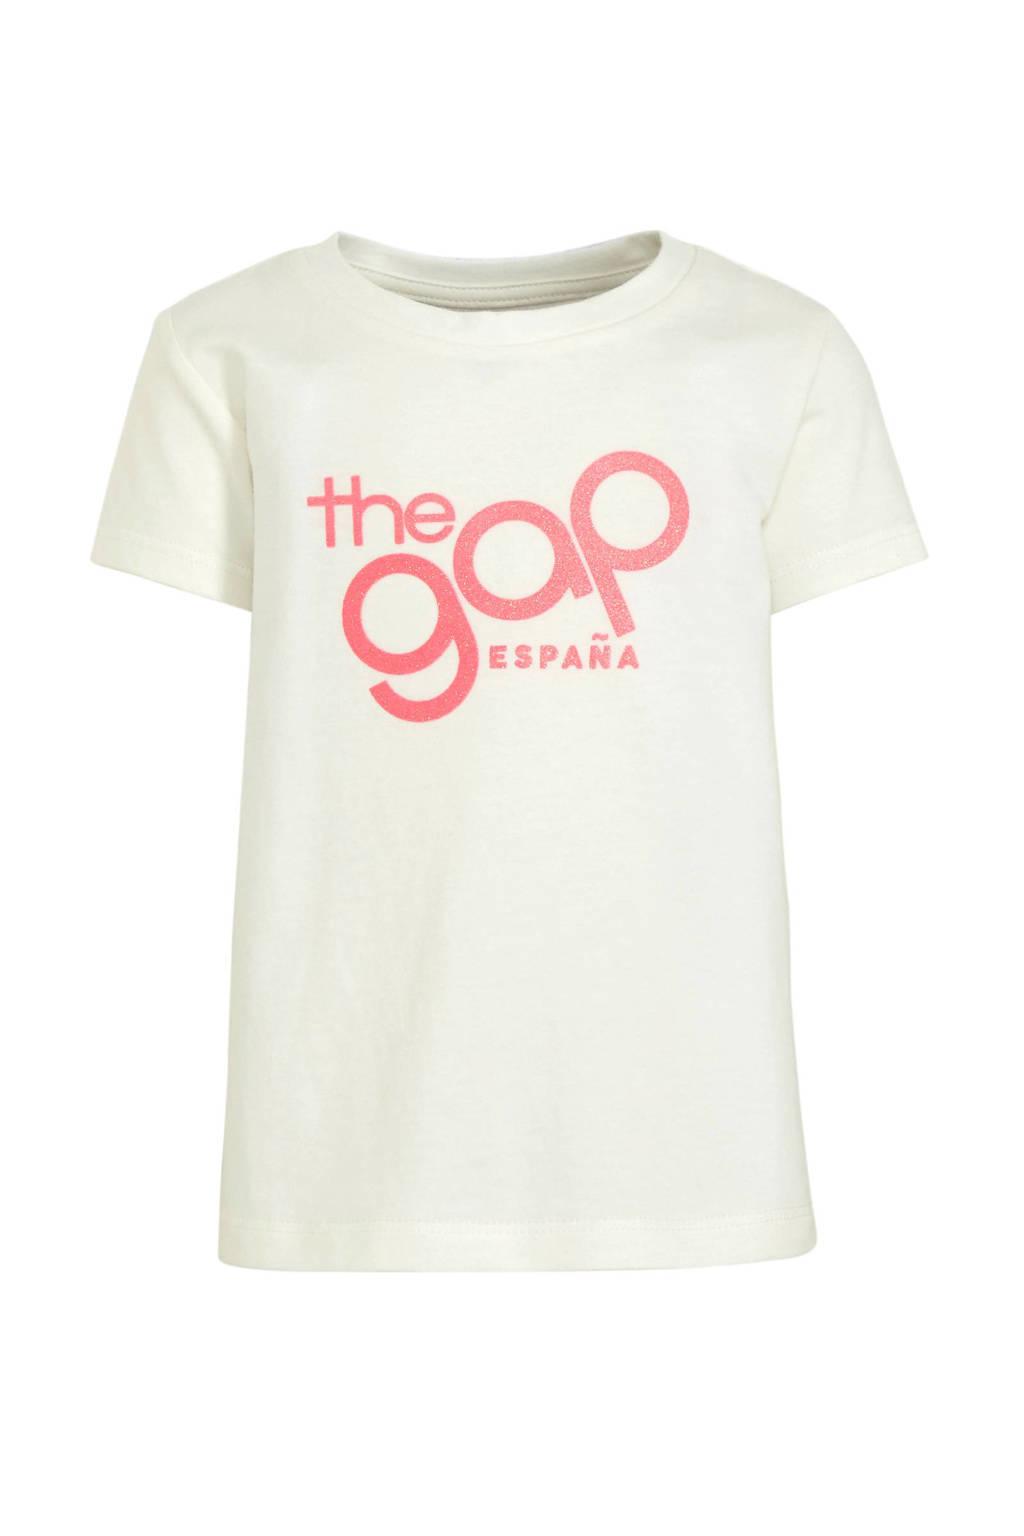 GAP T-shirt met tekst en glitters ecru/roze, Ecru/roze